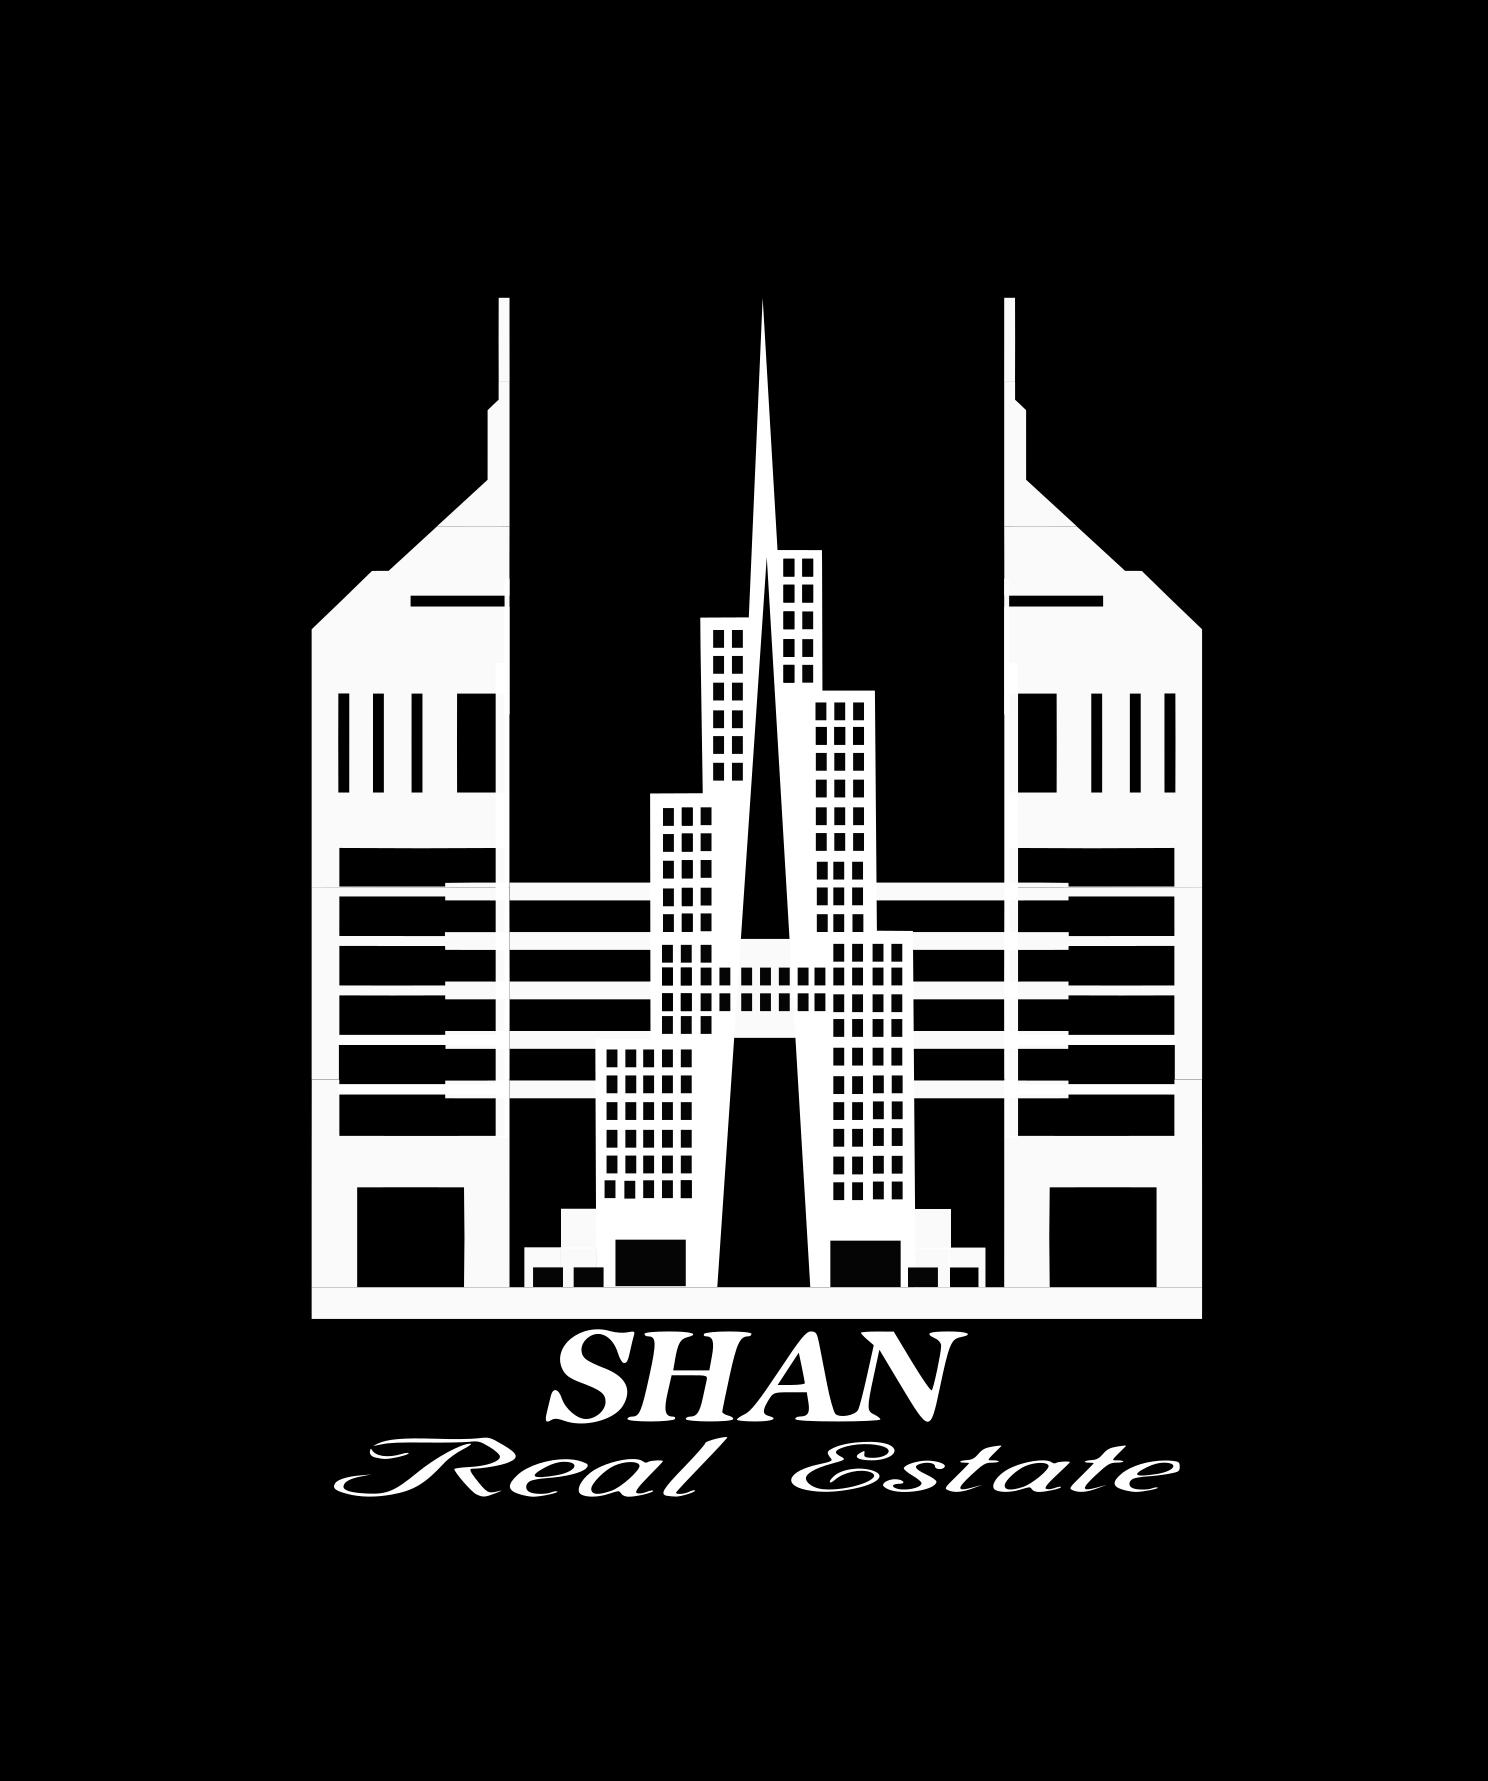 Логотип для агенство недвижемоти ШАН в Эмиратах. фото f_7665b77cccf35dac.png